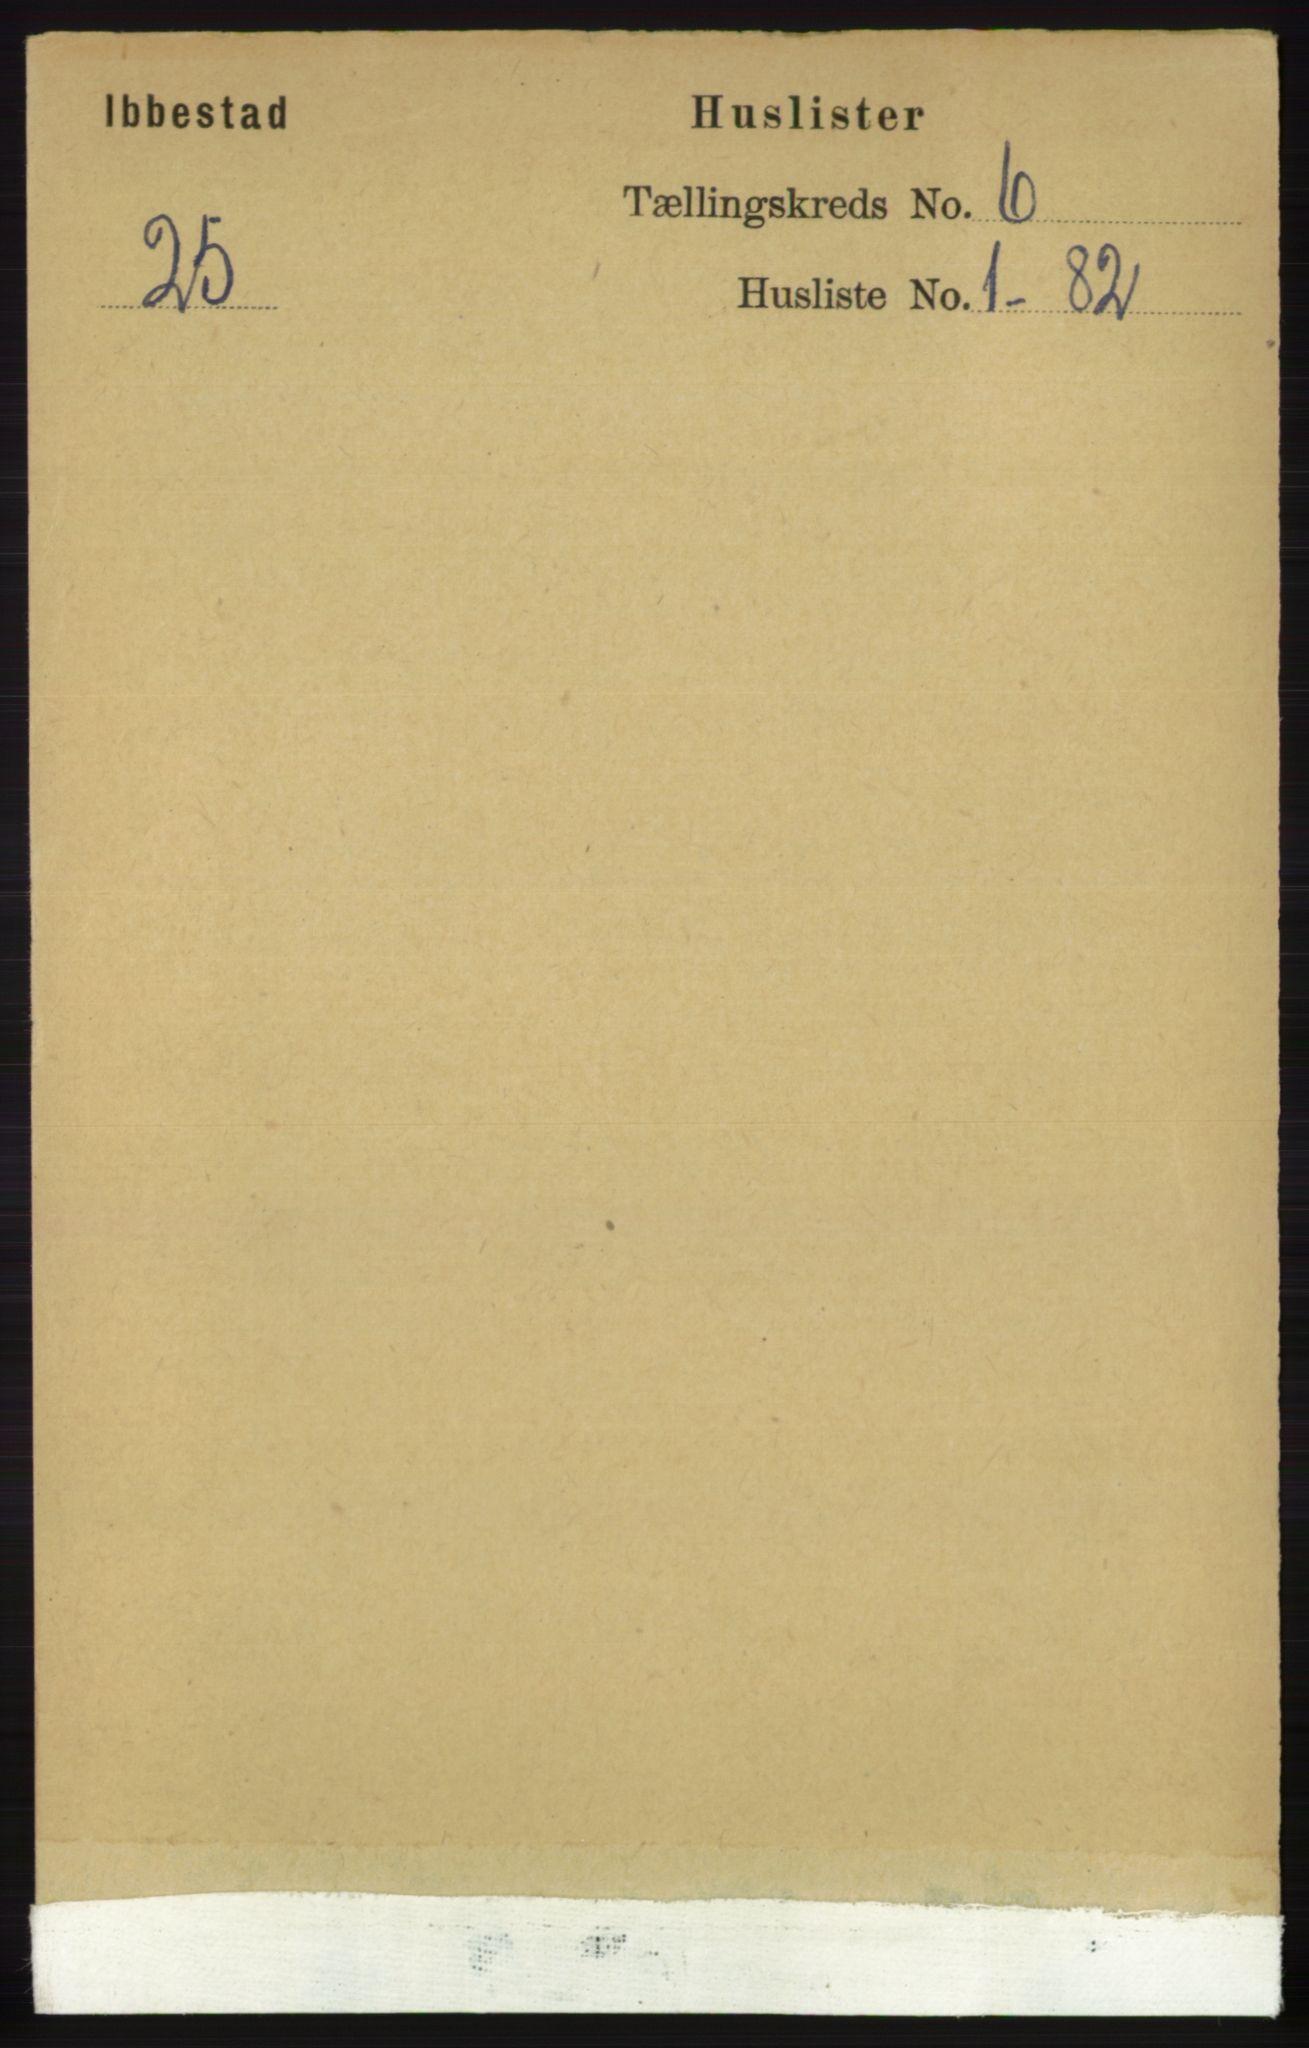 RA, Folketelling 1891 for 1917 Ibestad herred, 1891, s. 3484